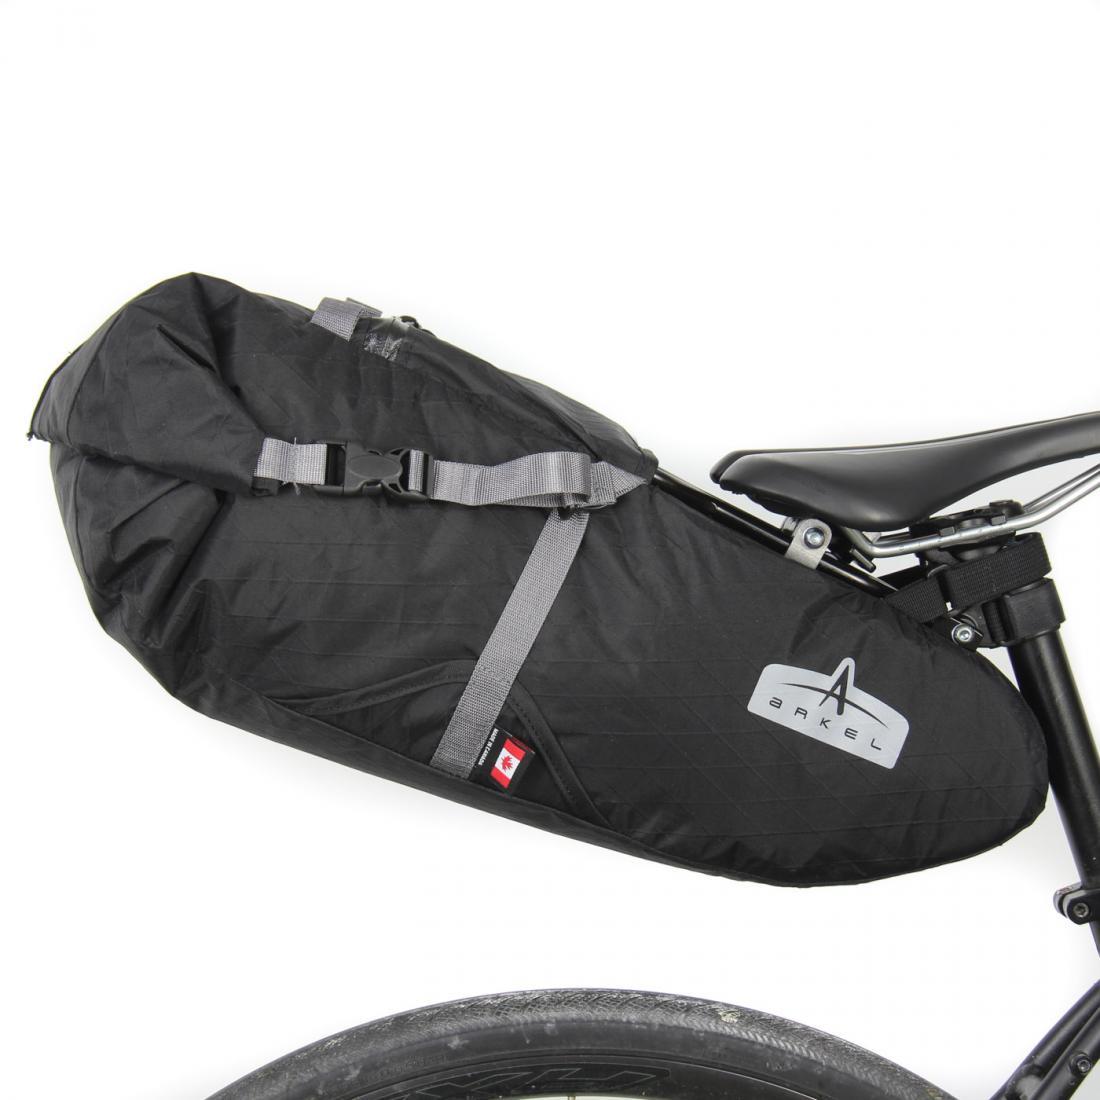 """Best Frame Bags For """"Long"""" Training Rides?-seatpacker-15-arkel-12.jpg"""